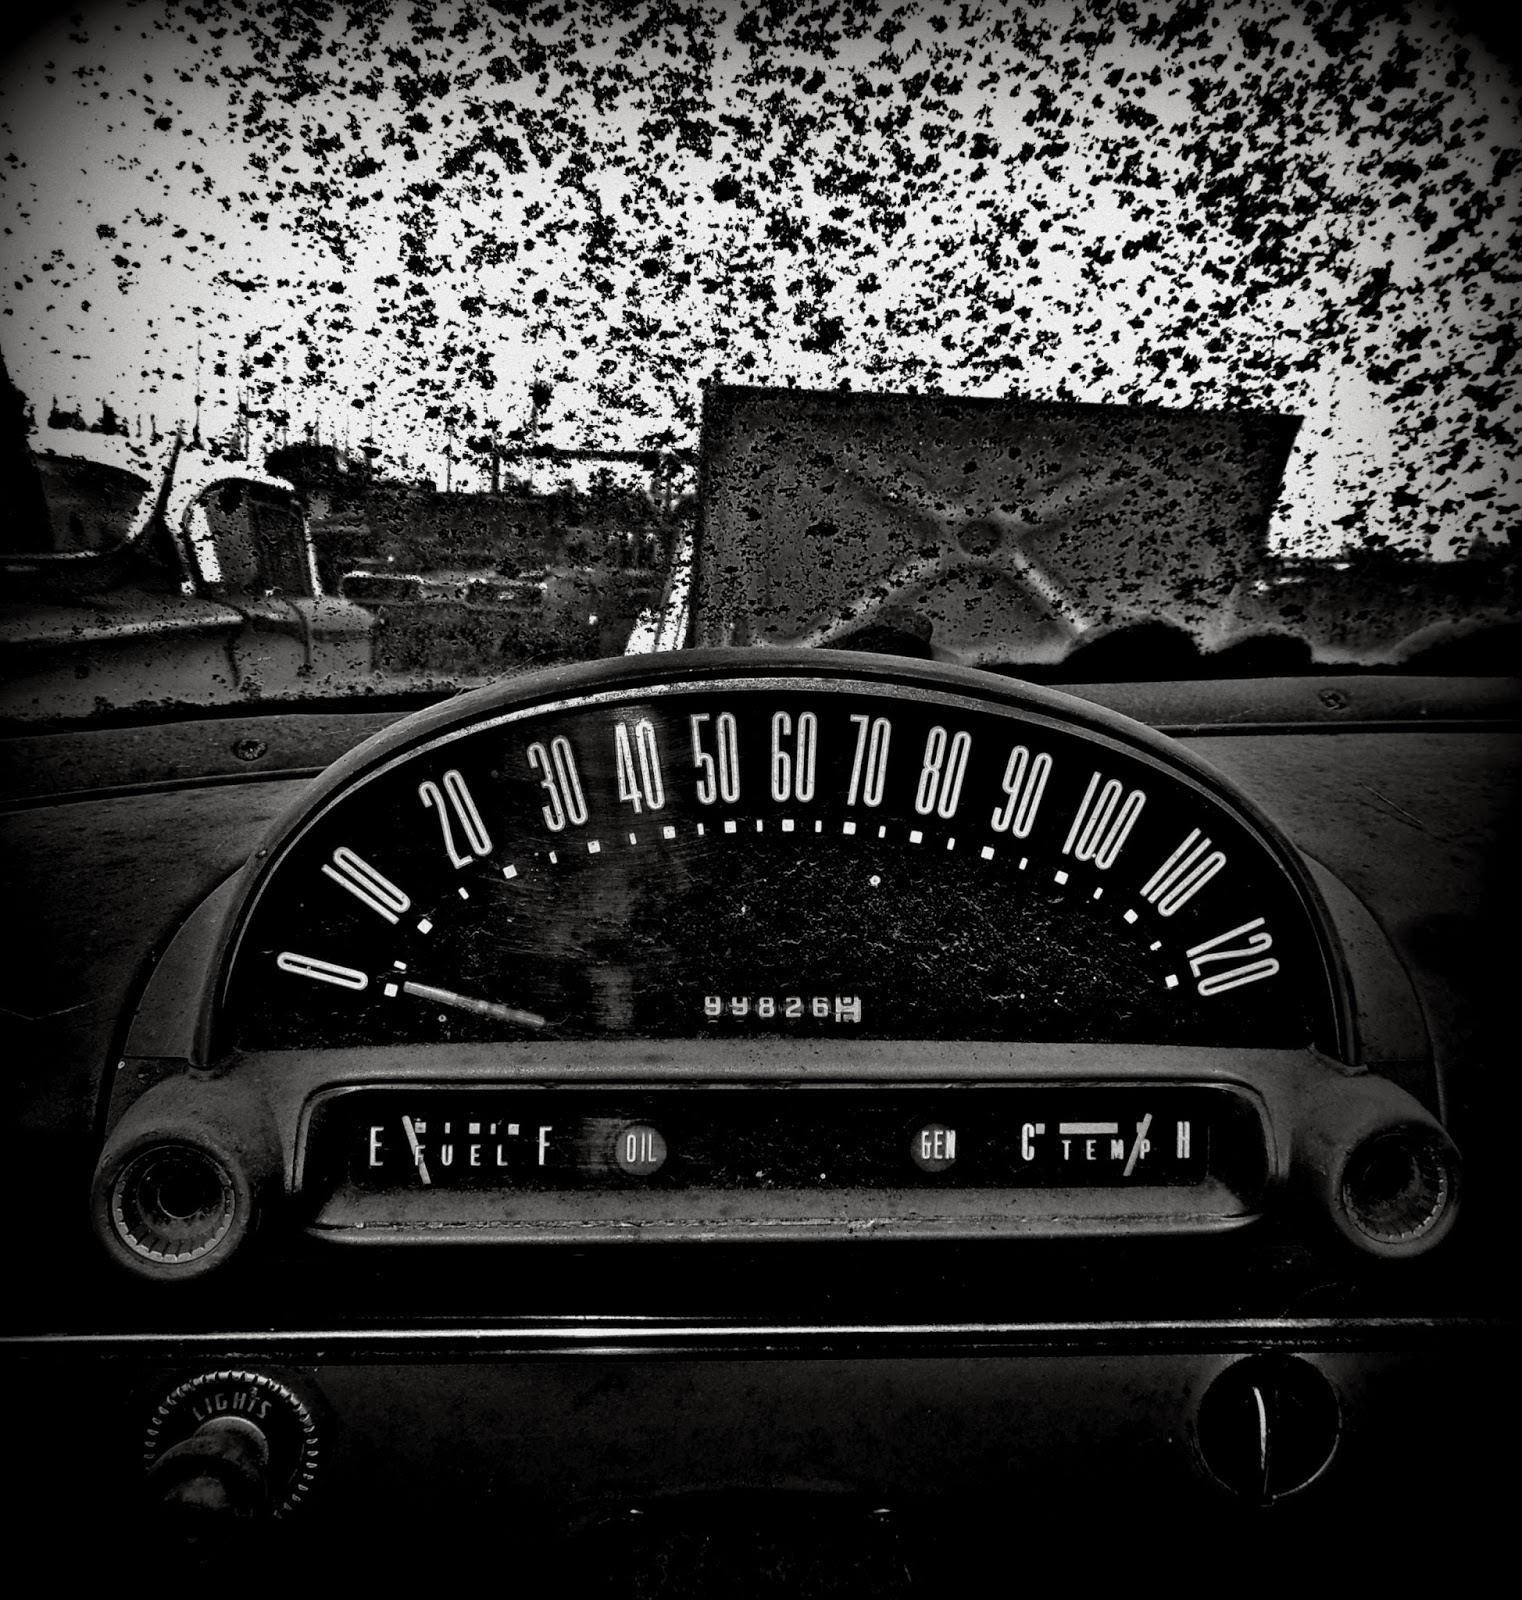 Insomniac Garage Art in the Junkyard